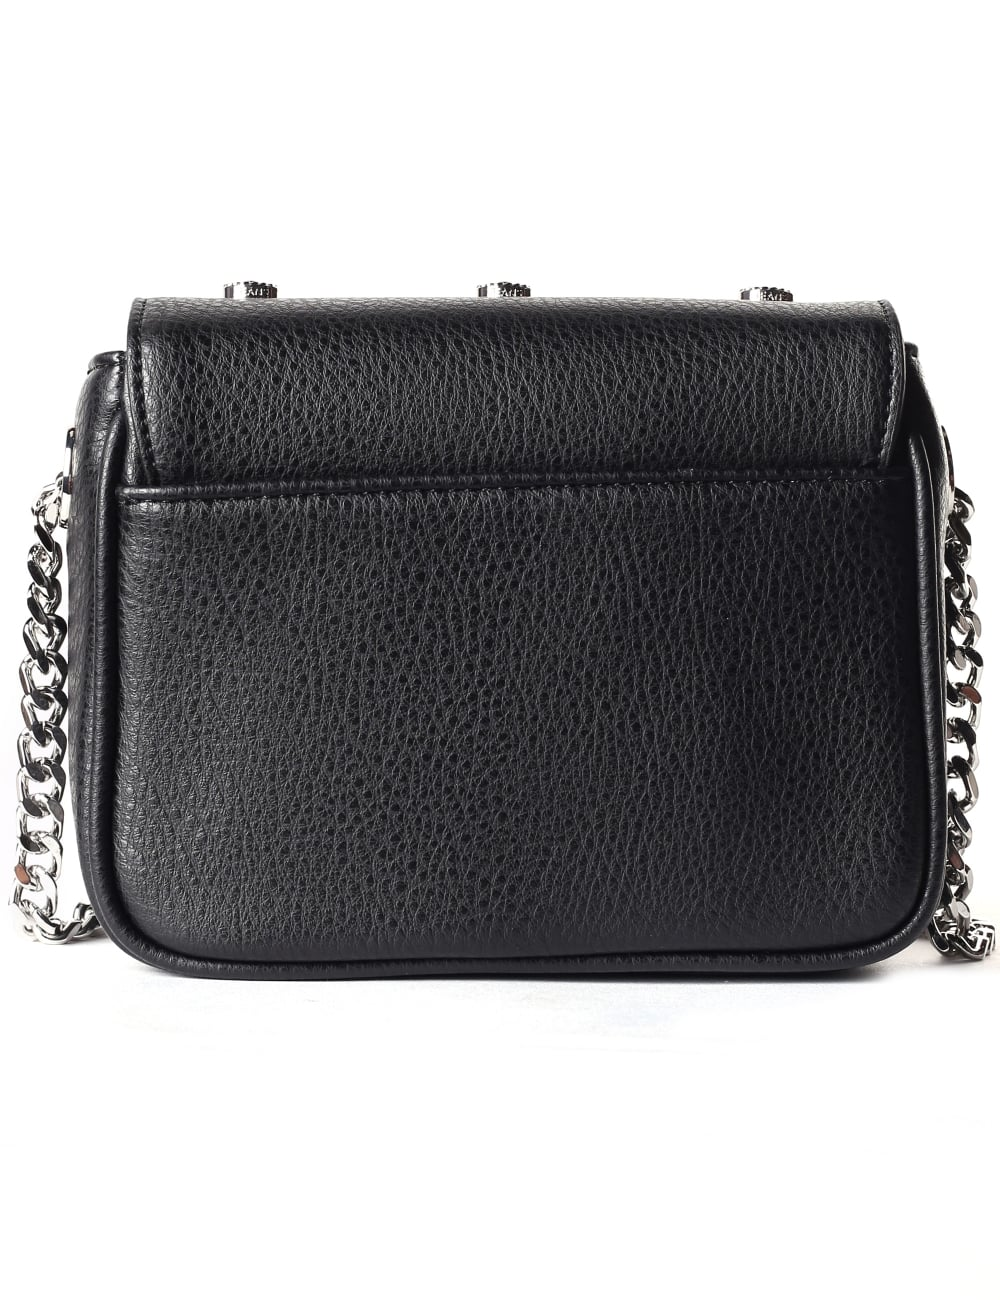 20aa7d34e16 Versace Jeans Women s Studded Crossbody Bag